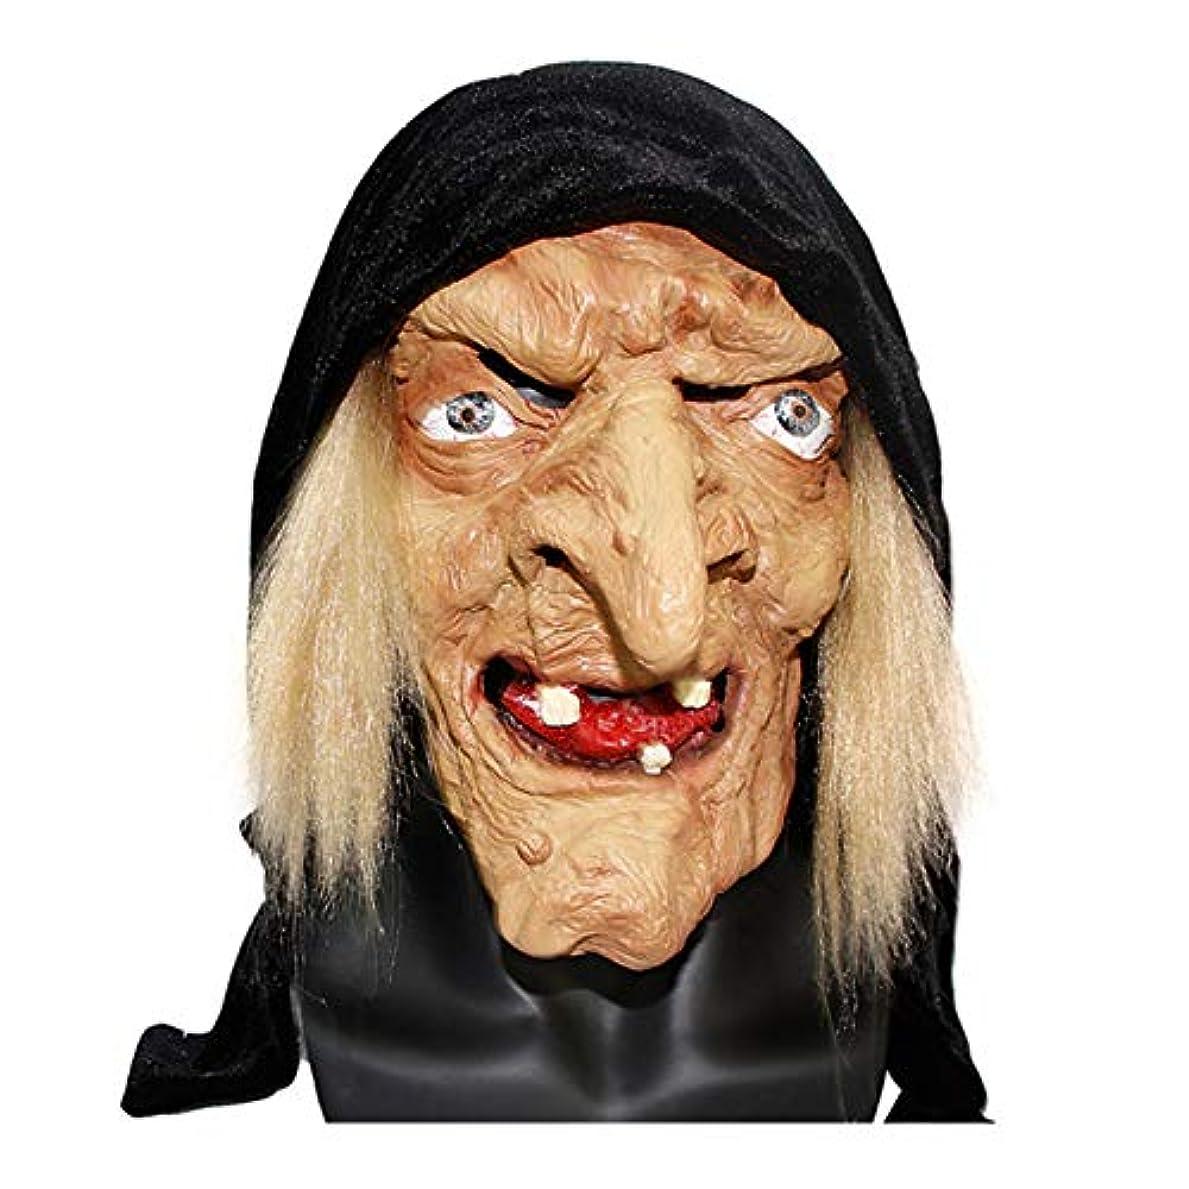 突っ込む介入する真実にハロウィンホラーマスクラテックス帽子パーティーボールの女性のドレスアップの映画の小道具魔女マスクマスク